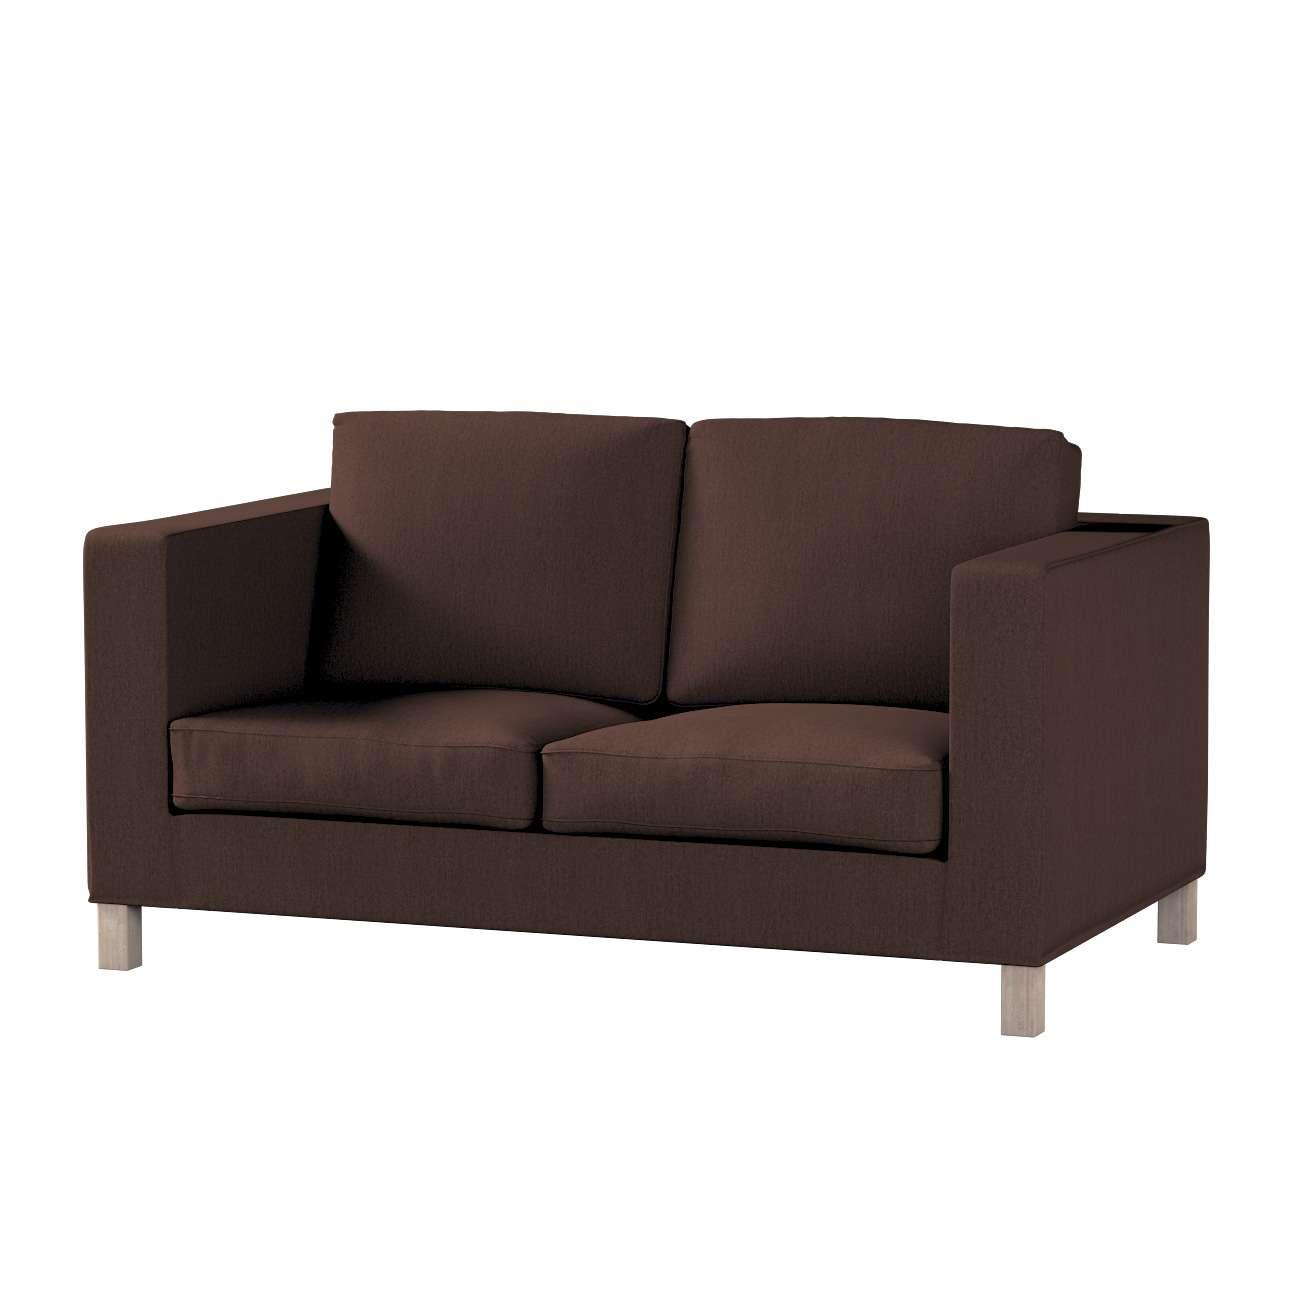 Pokrowiec na sofę Karlanda 2-osobową nierozkładaną, krótki Sofa Karlanda 2-os w kolekcji Chenille, tkanina: 702-18